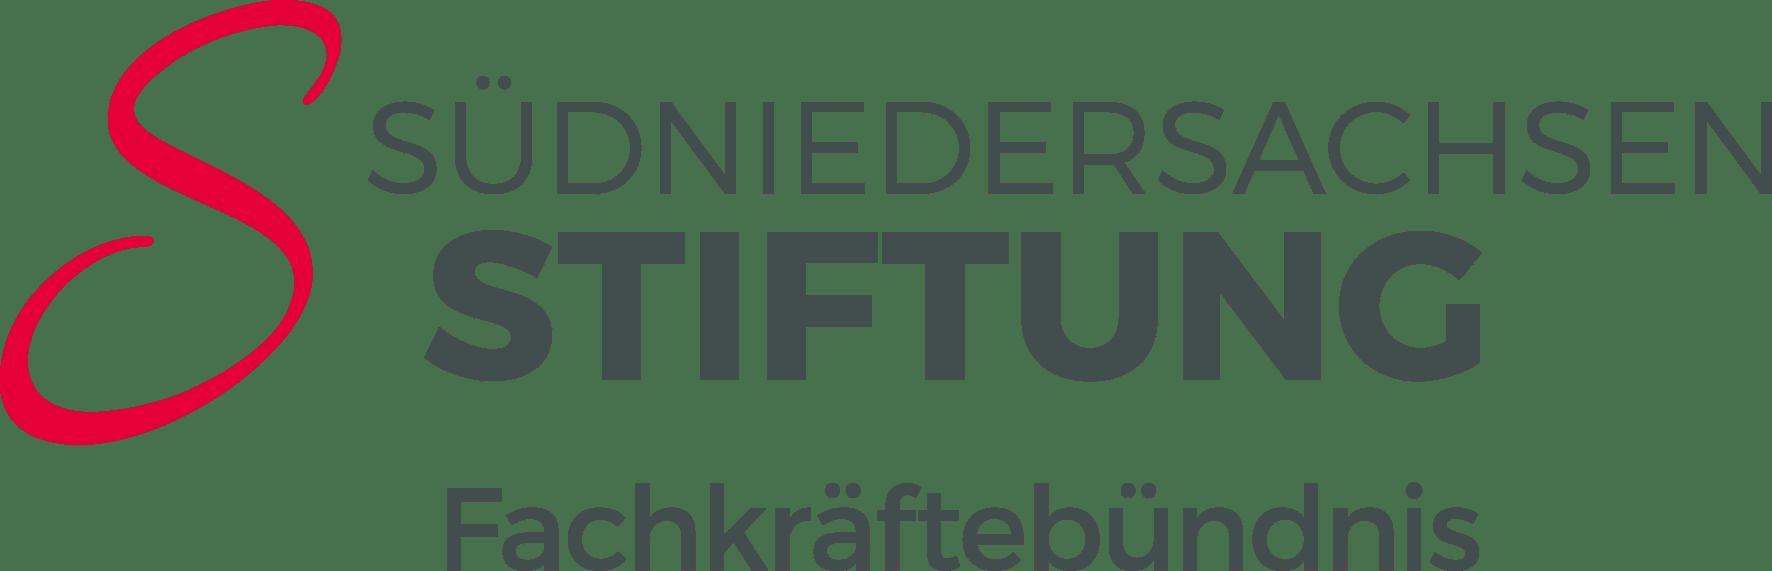 Webdesign Kunde der Agentur Joofy Stiftung Südniedersachsen Göttingen